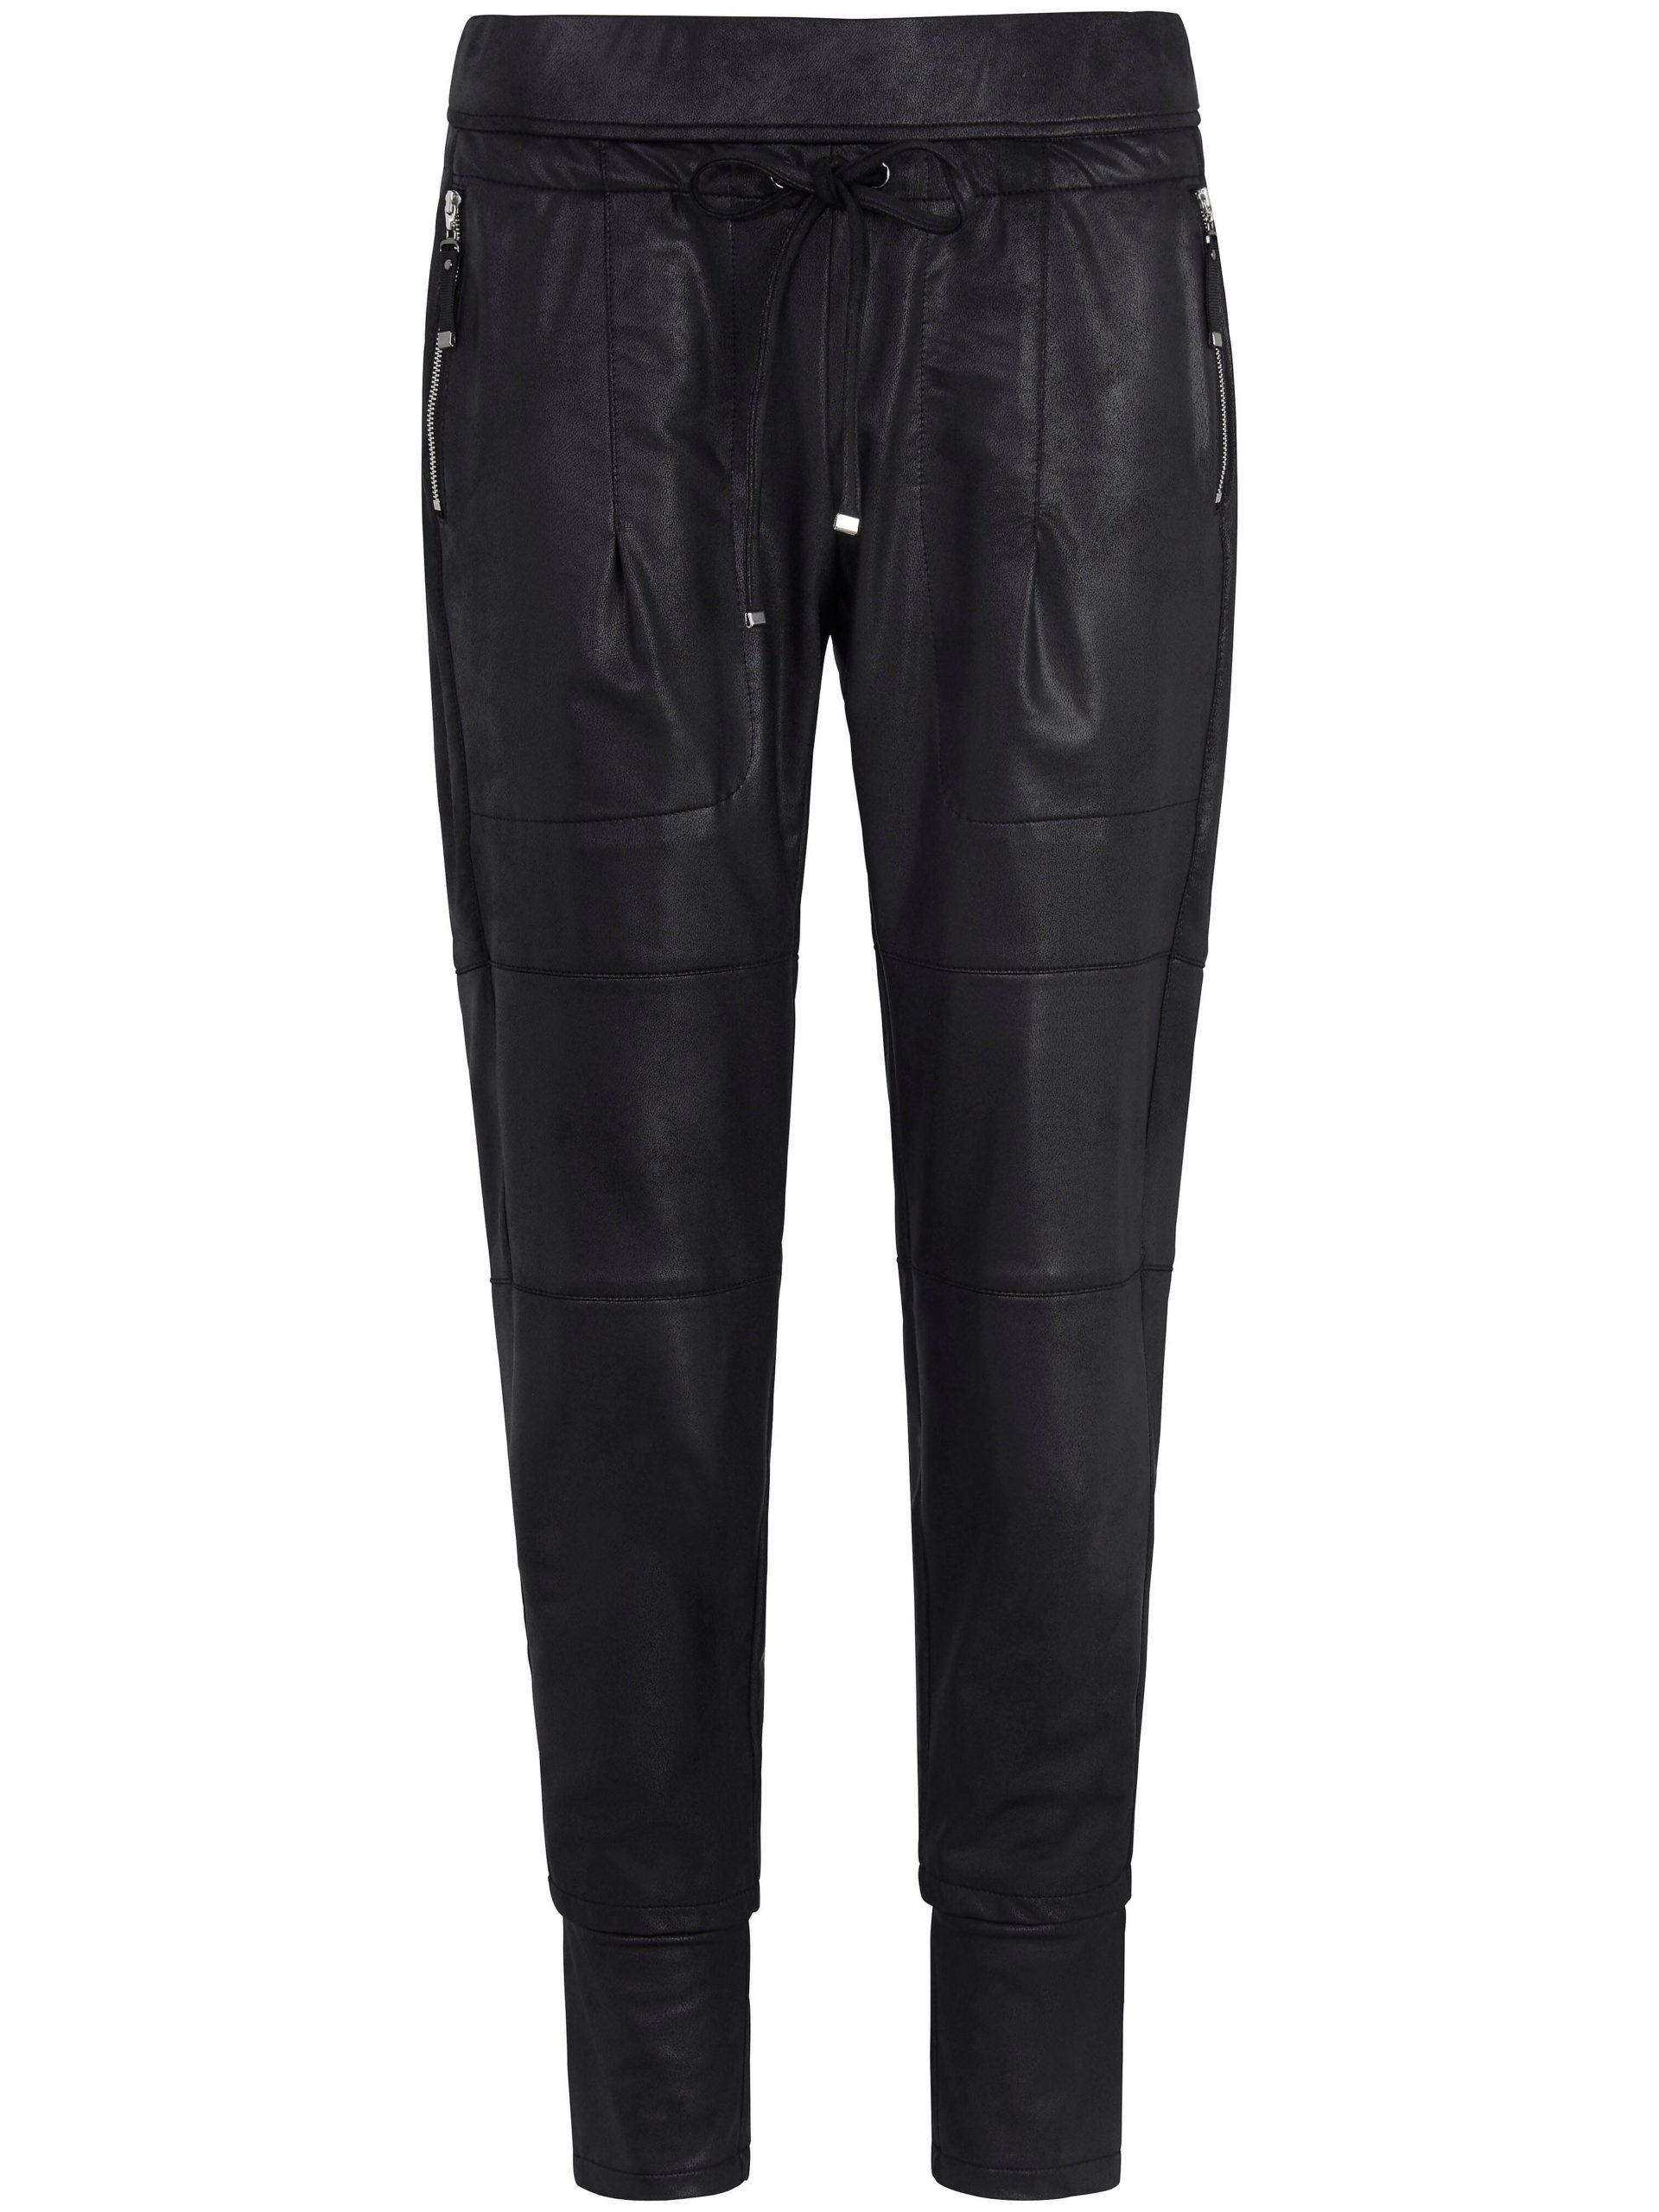 Enkellange broek, model Candy Van Raffaello Rossi zwart Kopen